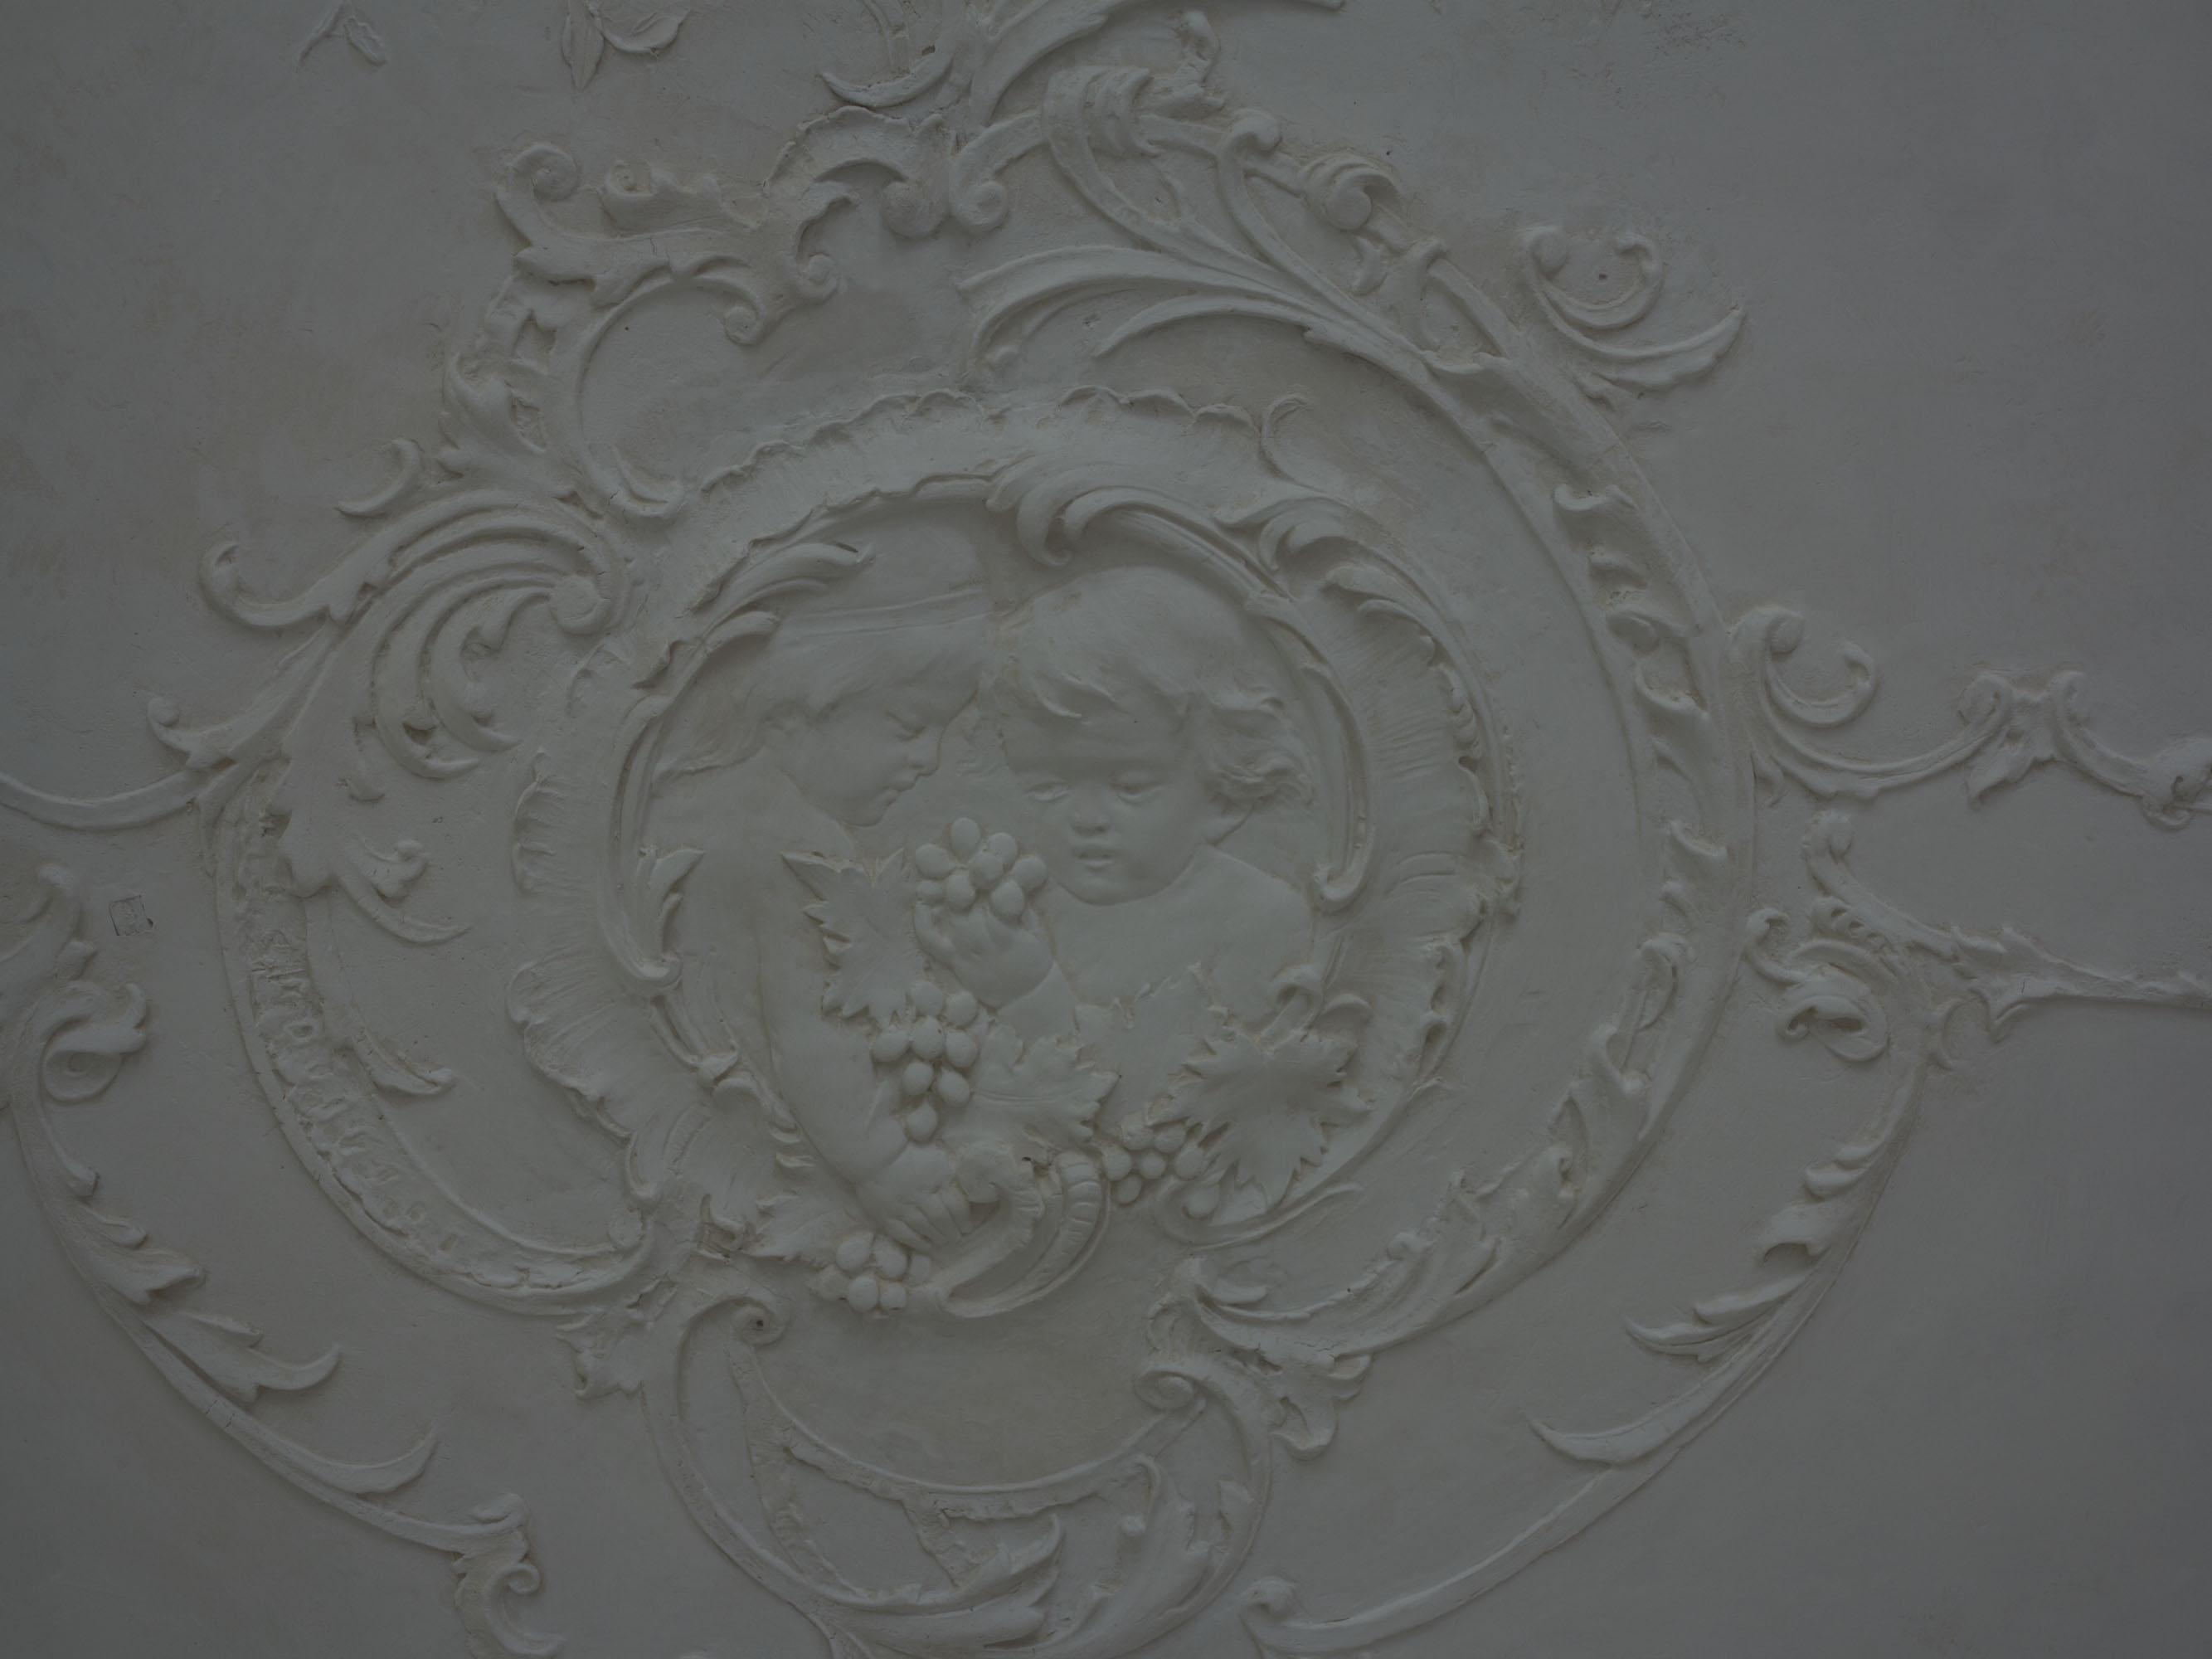 ... Soffitto Decorato Gesso: Realizzazioni:. stucchi cornici volte in